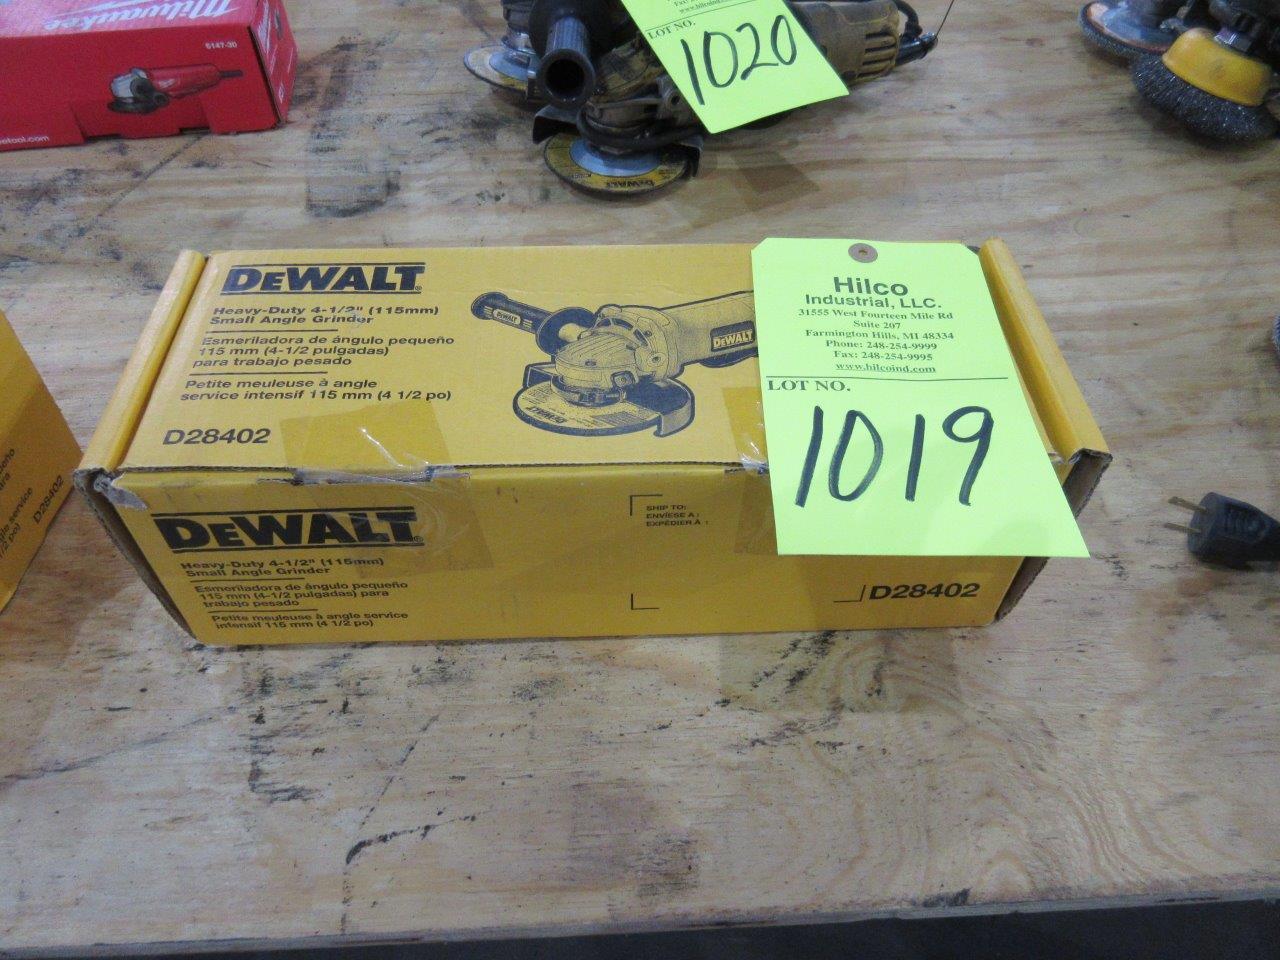 """Lot 1019 - DeWalt Model D28402 New 4 1/2"""" Angle Grinder"""